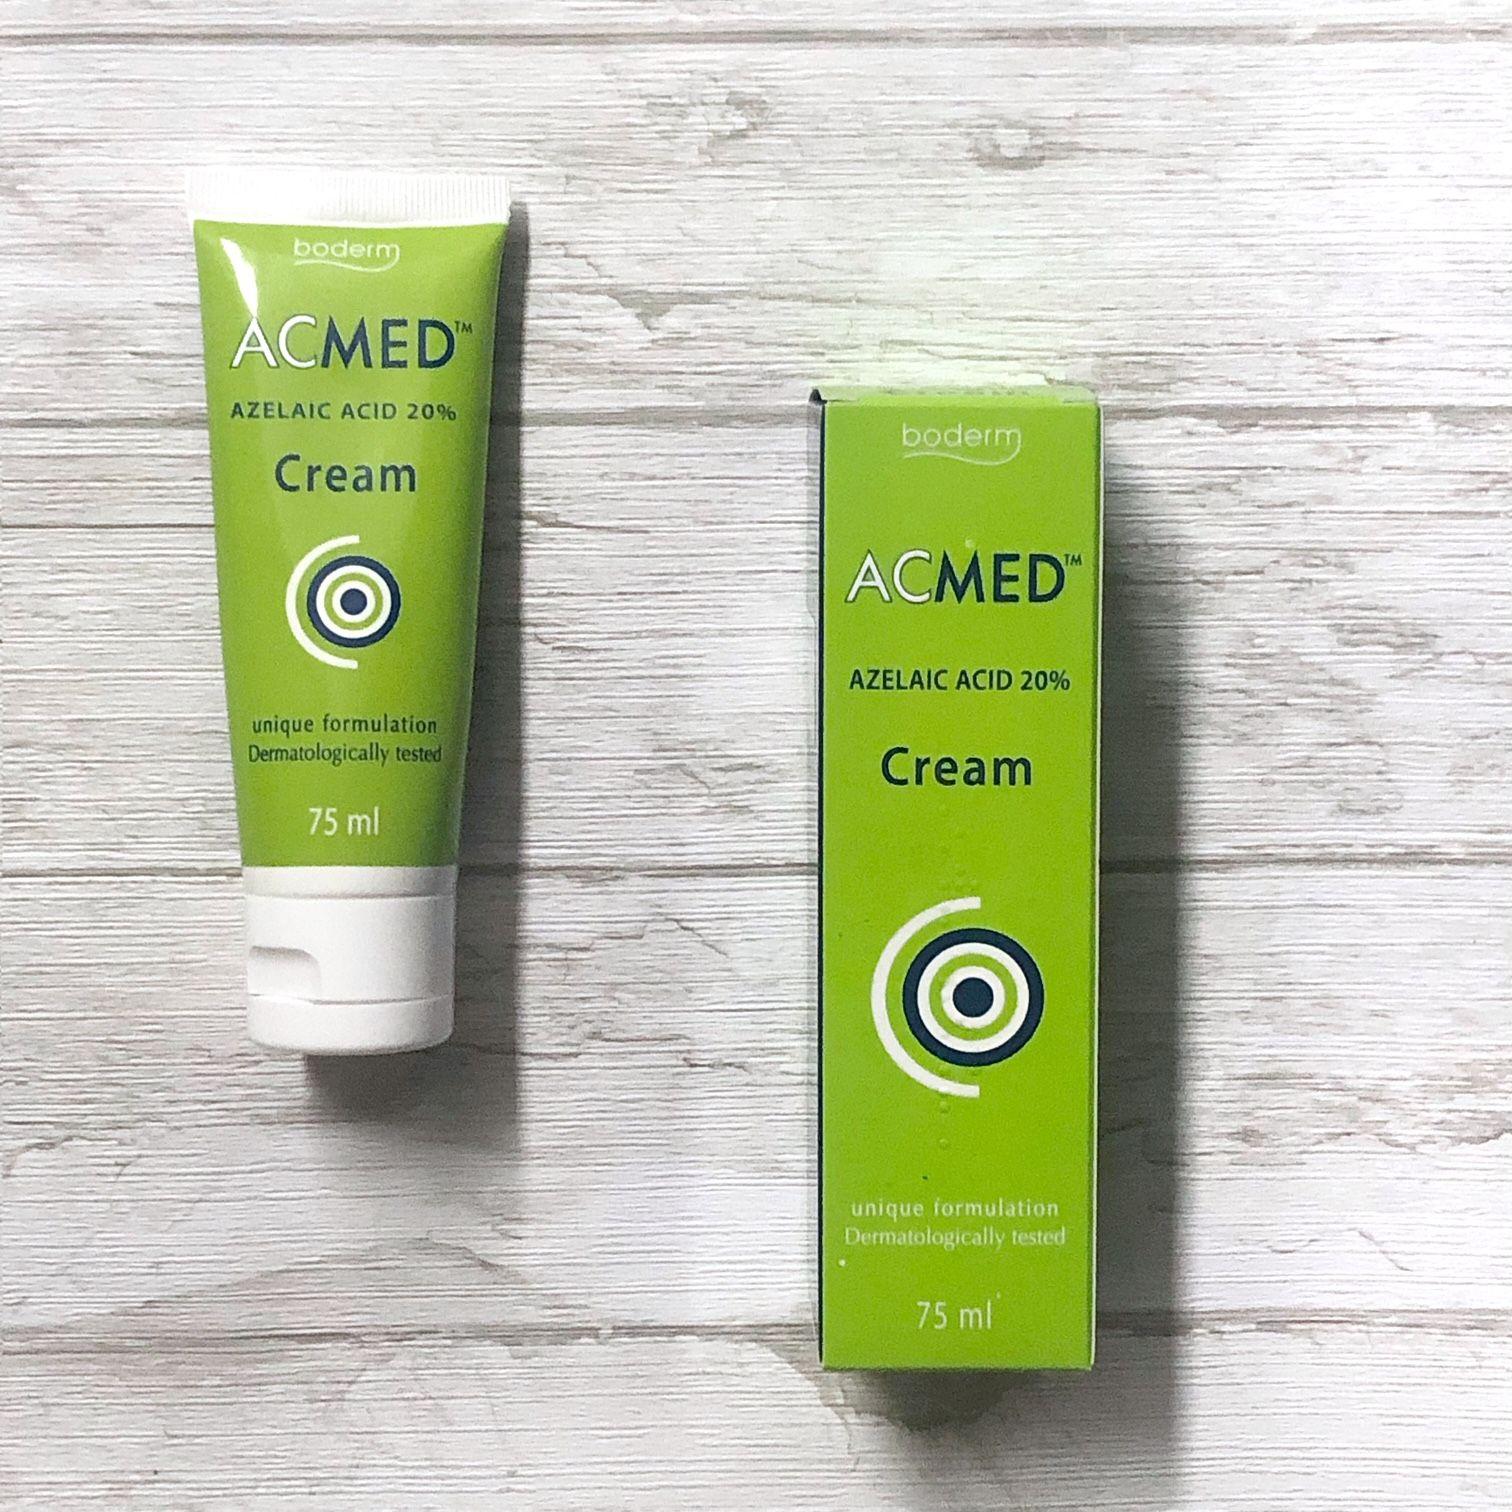 Acmed: Crema con 20% de Ácido Azelaico